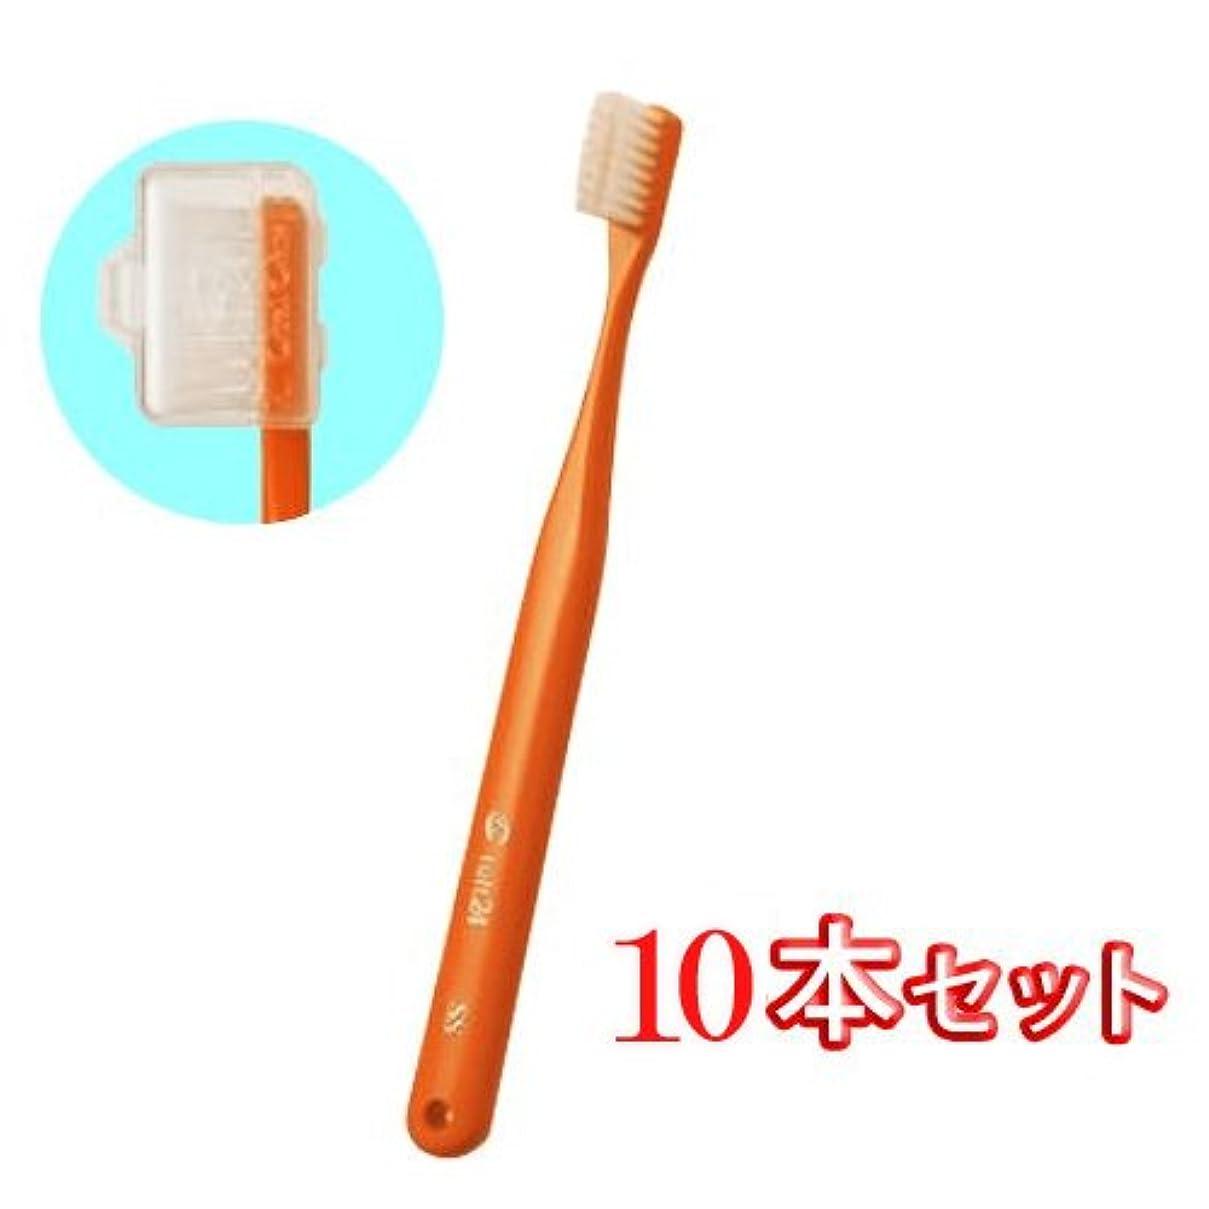 鈍い間違えた梨オーラルケア キャップ付き タフト 24 歯ブラシ スーパーソフト 10本 (オレンジ)